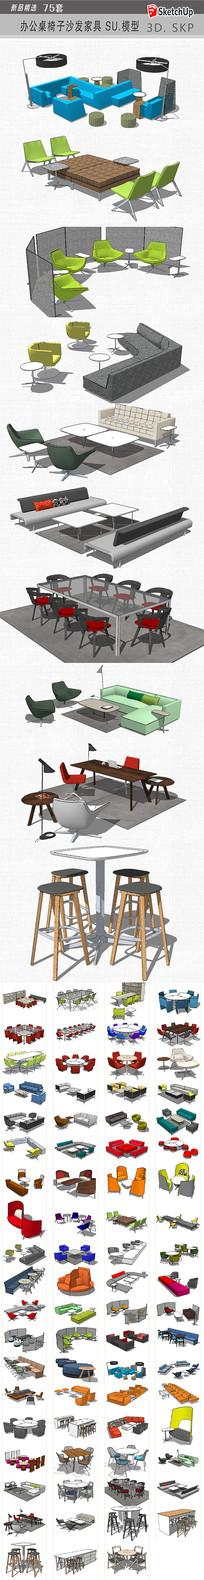 办公桌椅子沙发